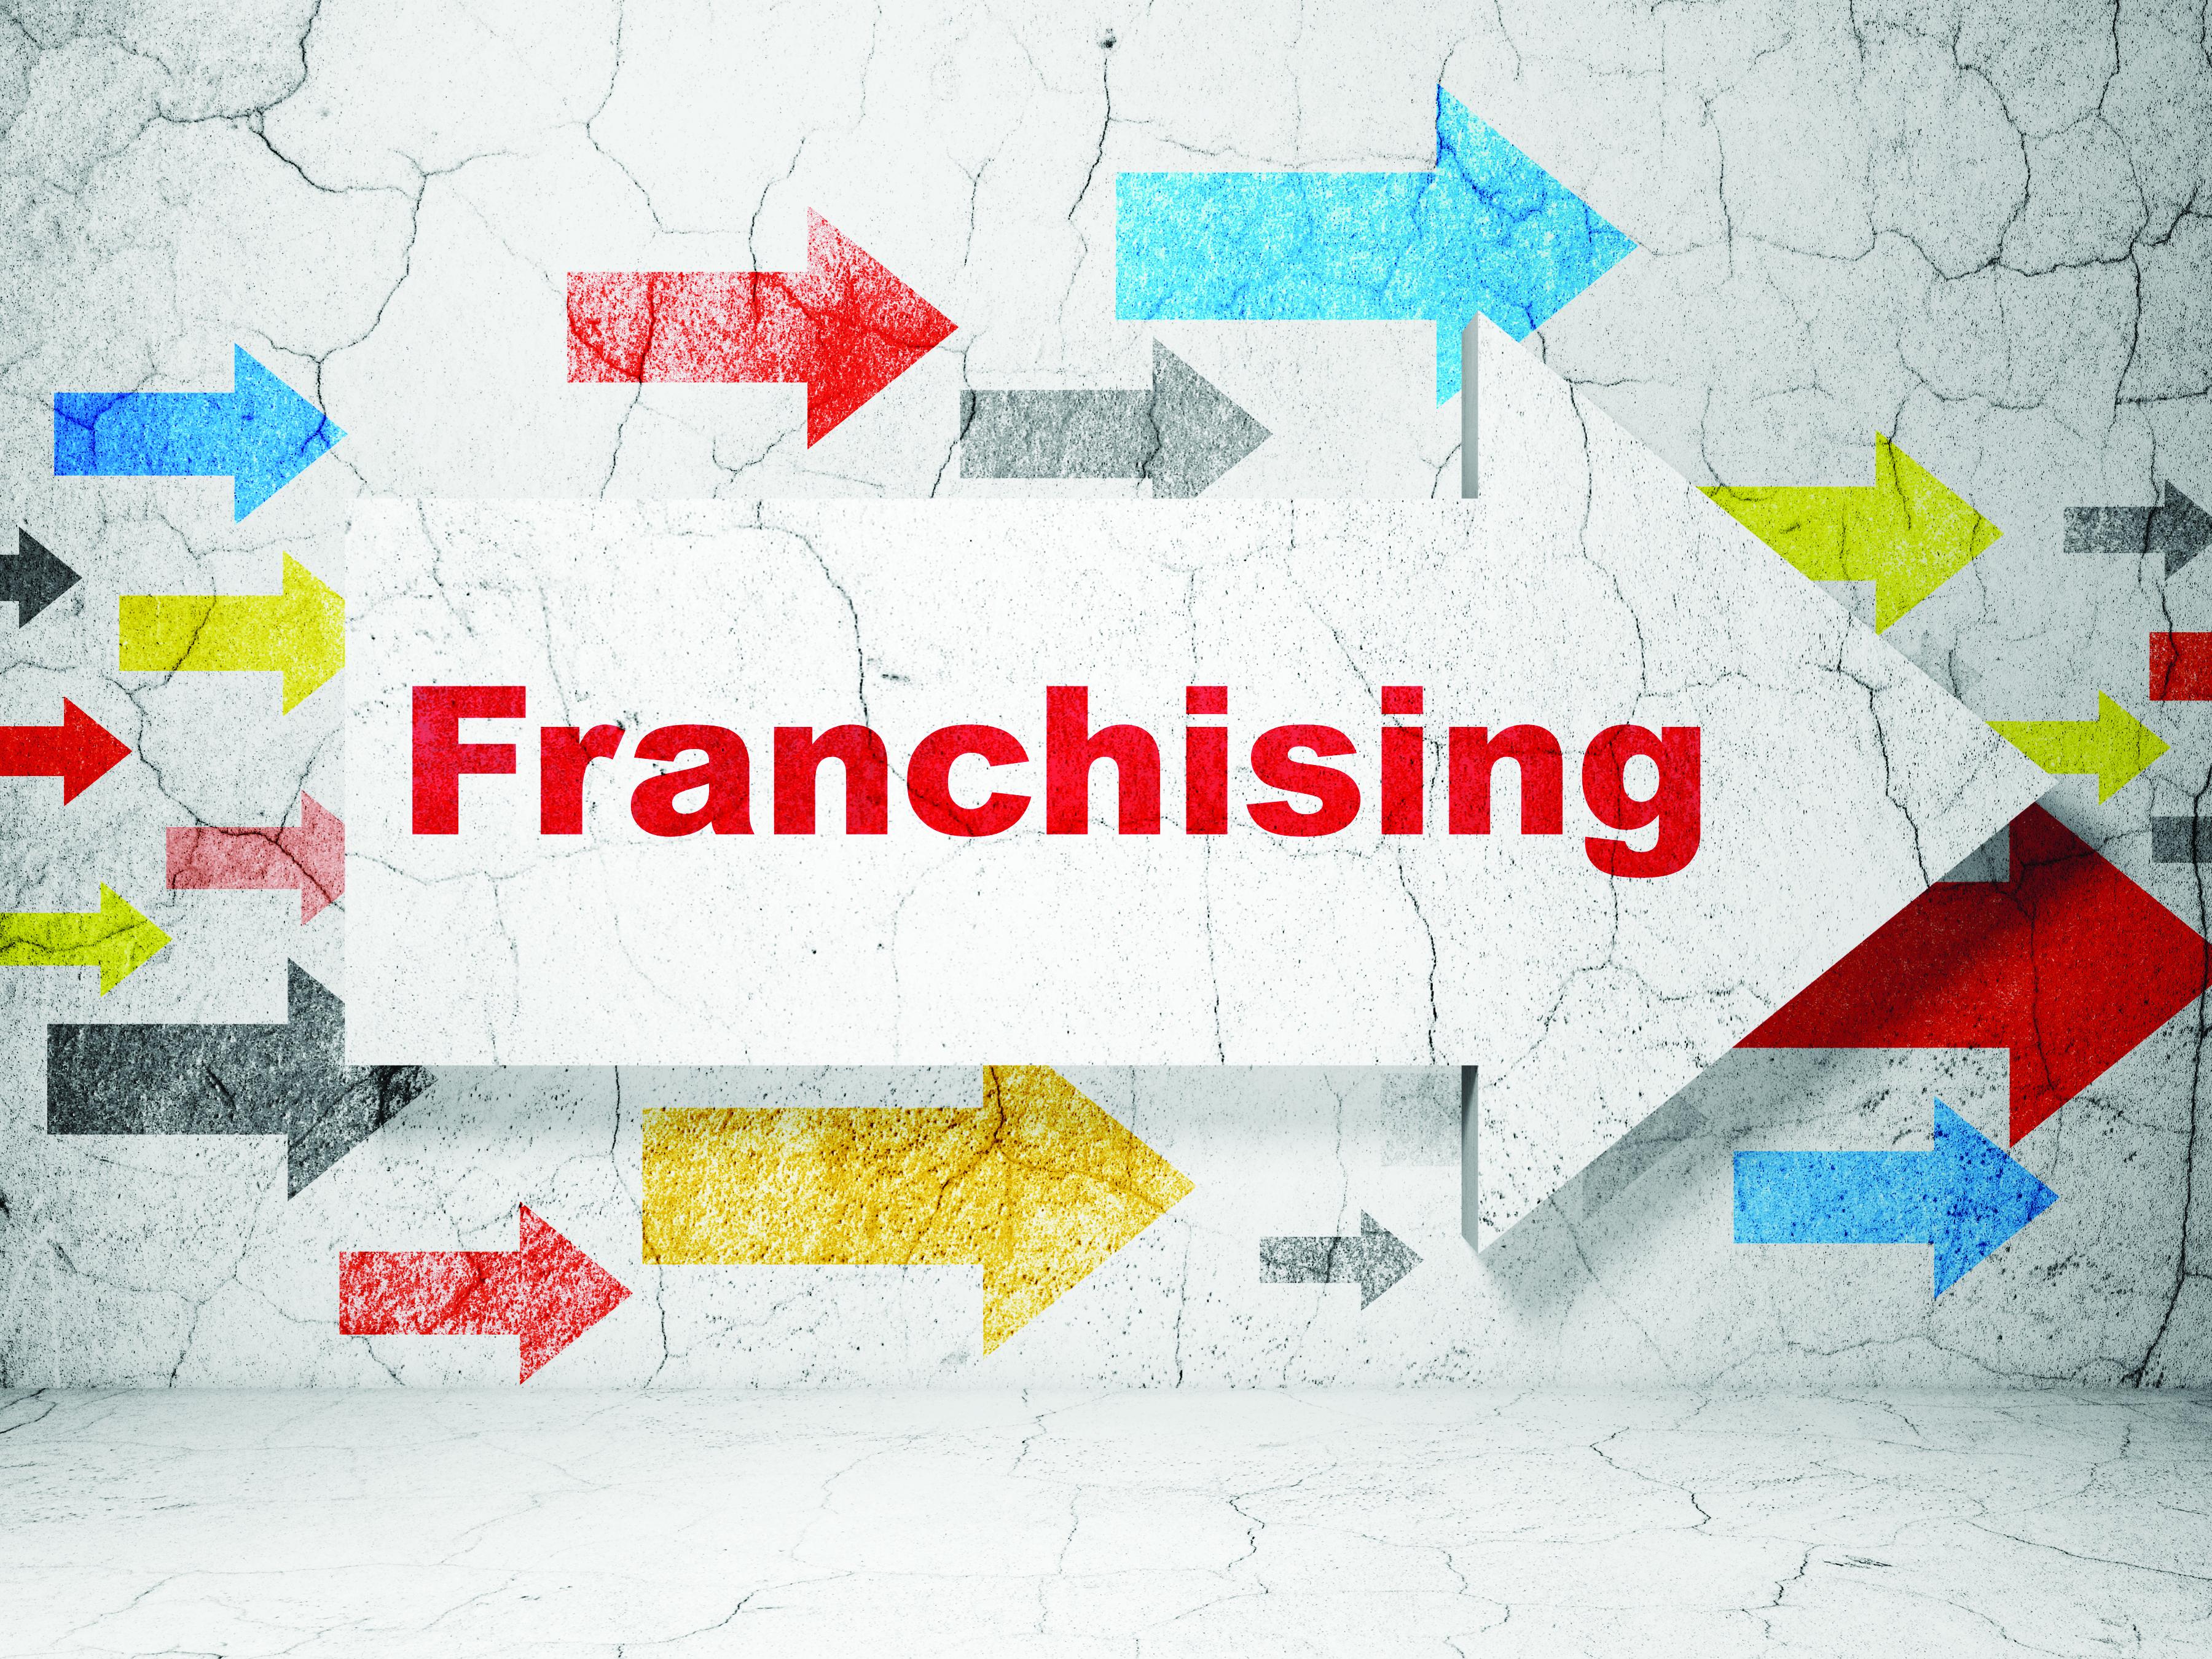 franchise-arrows